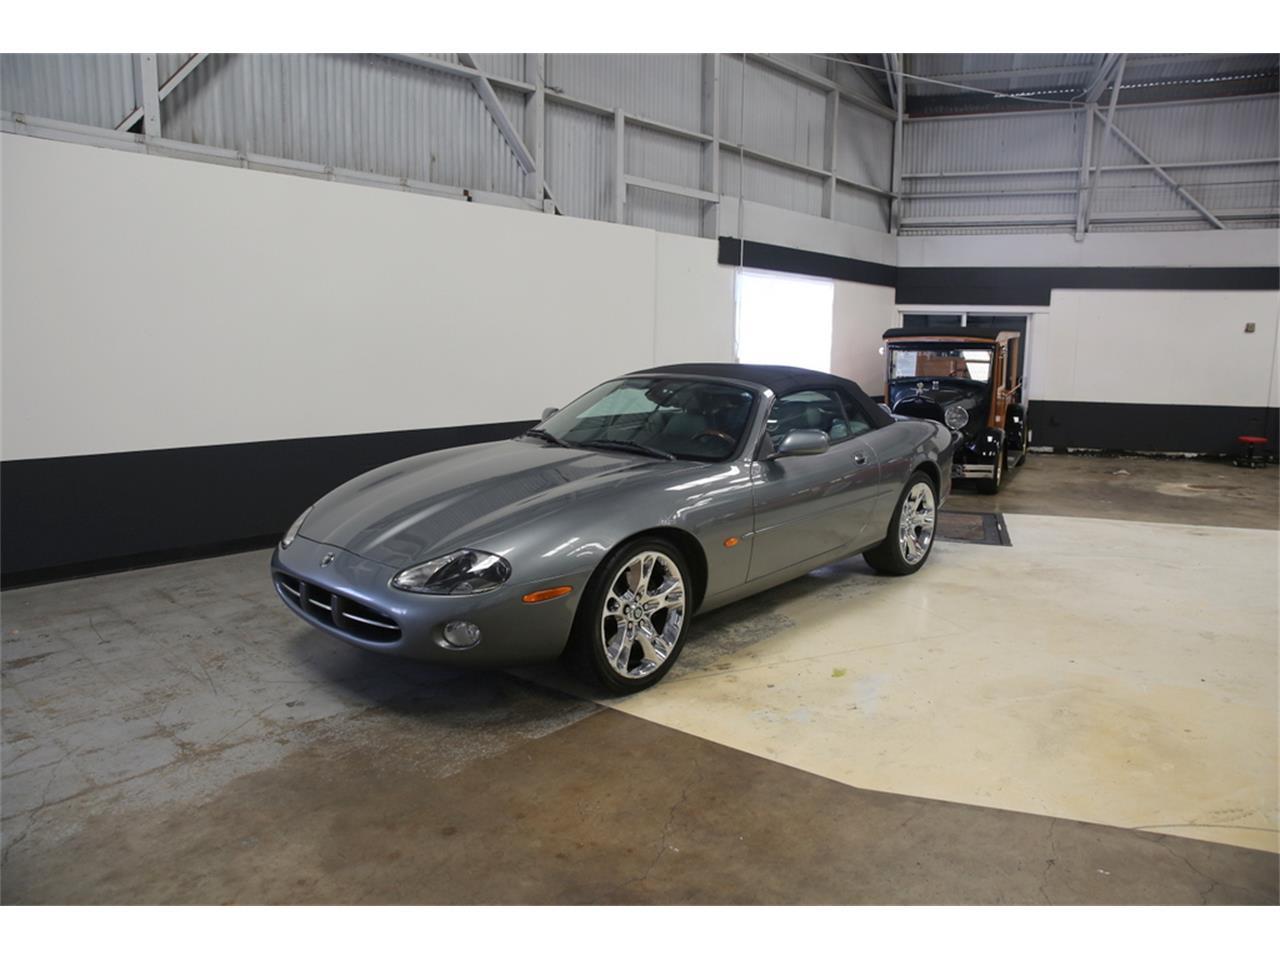 Large Picture of '03 Jaguar XK8 - $9,000.00 - LIP4